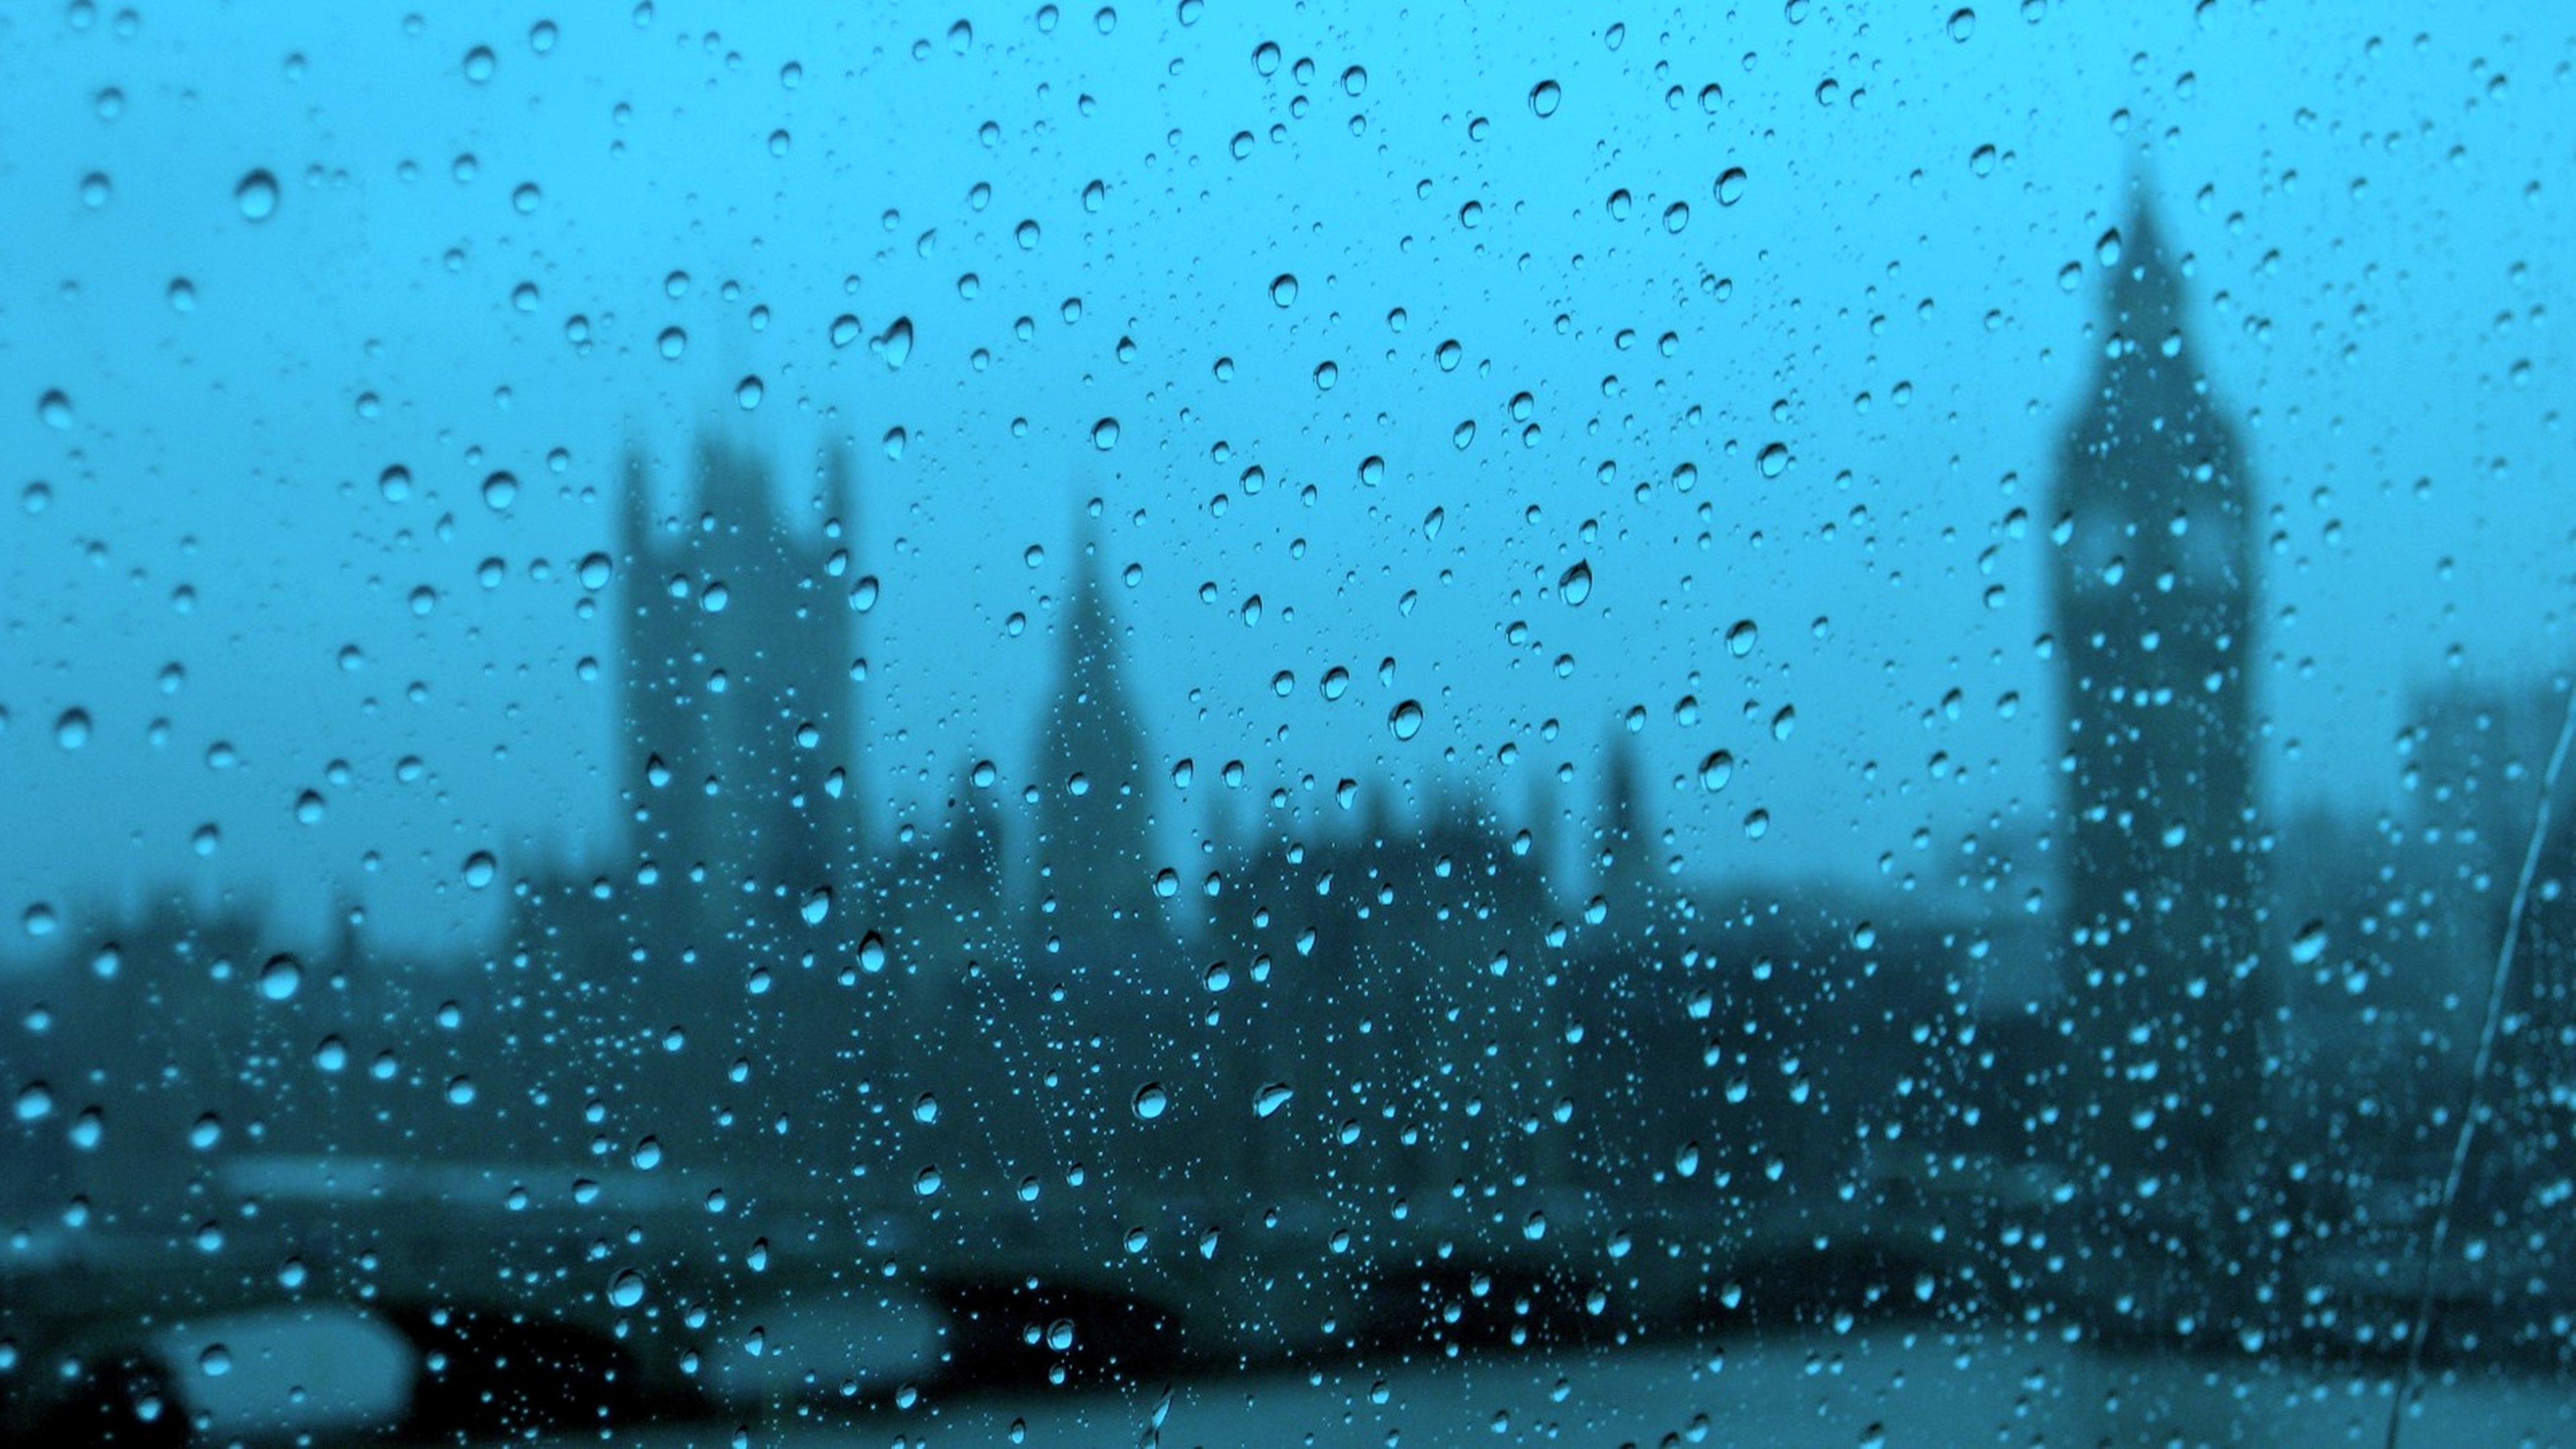 Cloudy UK drops glass Rain Windows london europ wallpaper ...